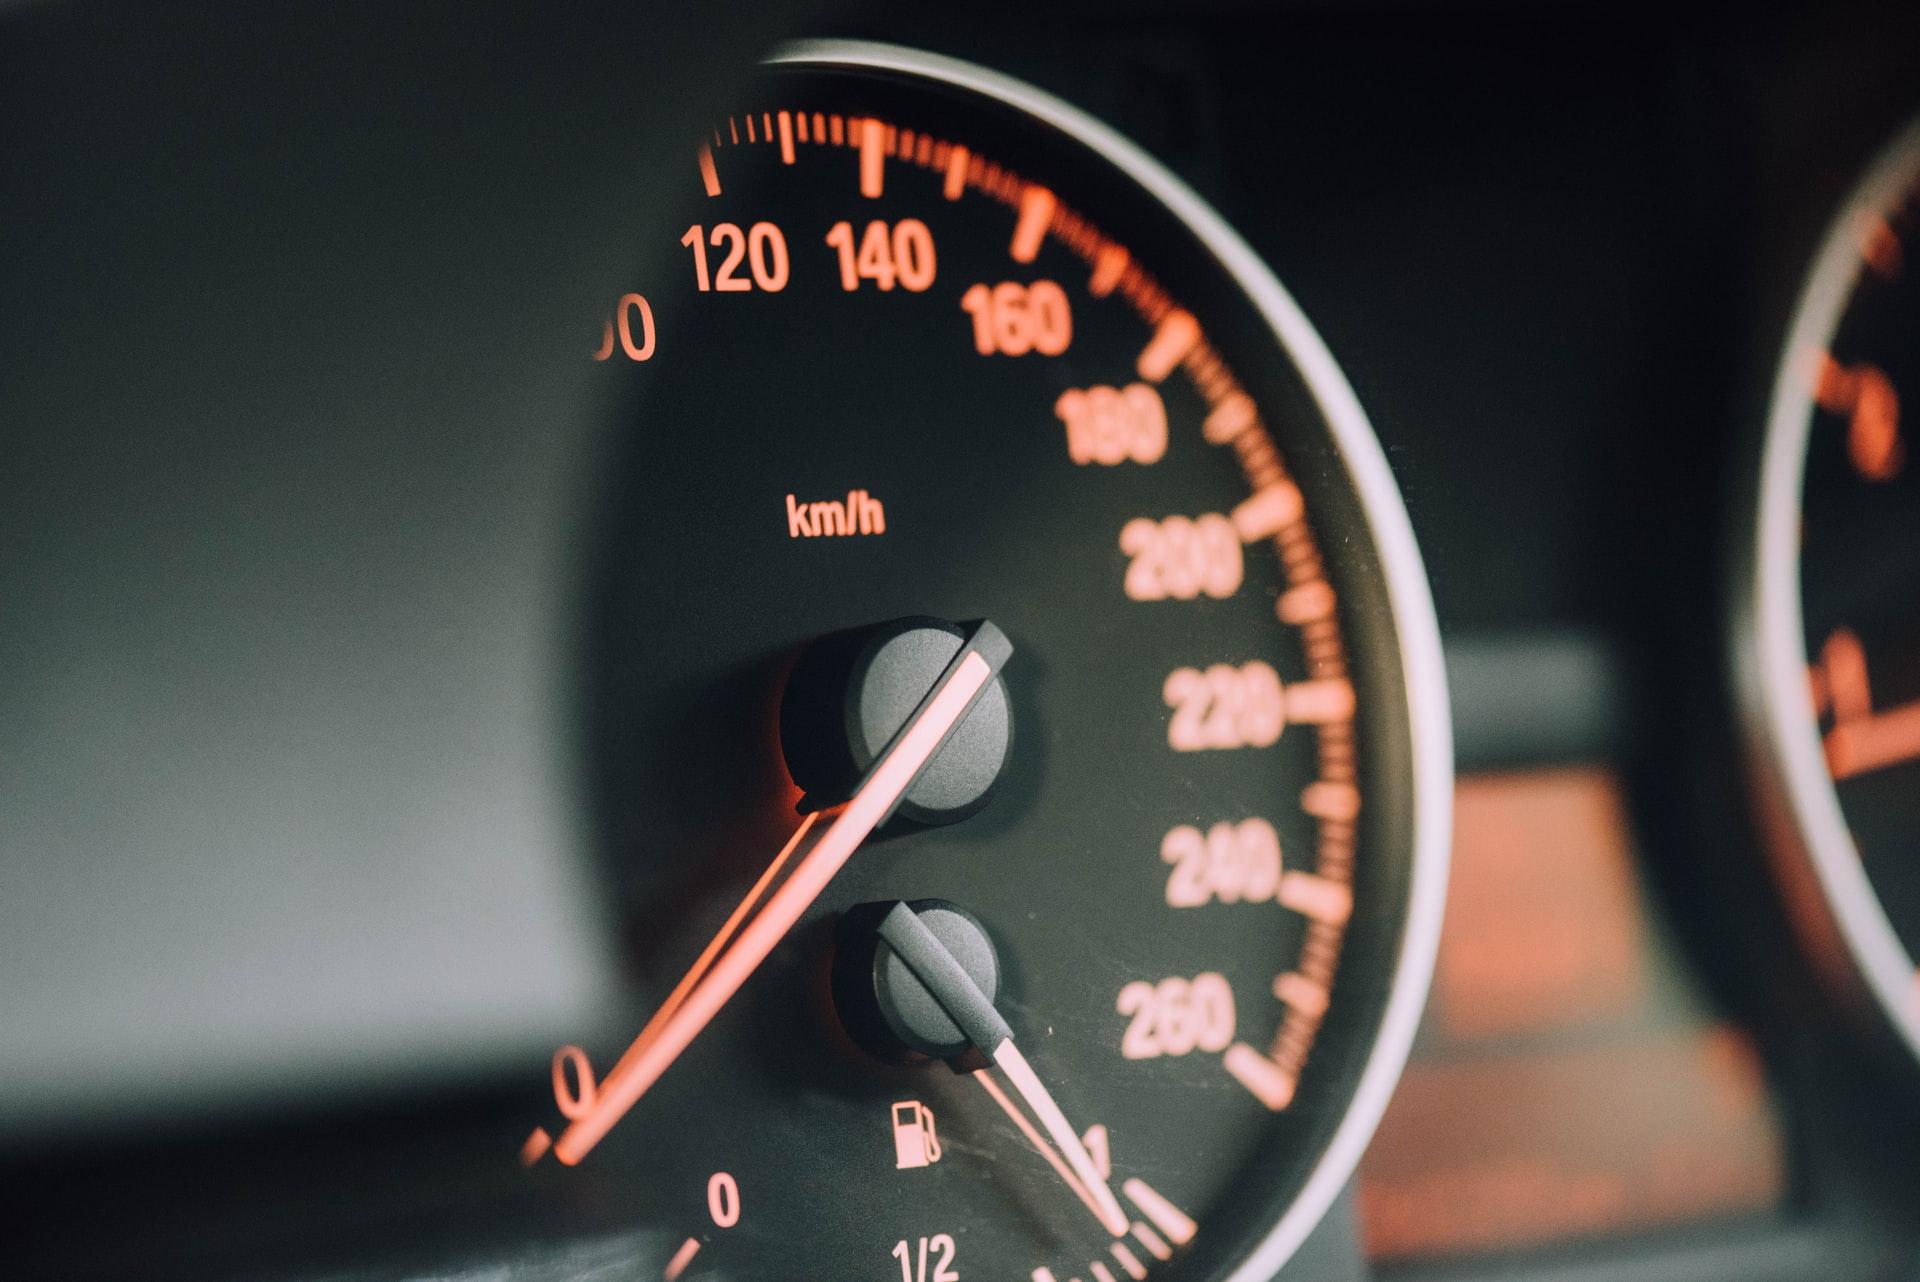 Kilometraje de auto usado siendo revisado como parte de los consejos Das WeltAuto.